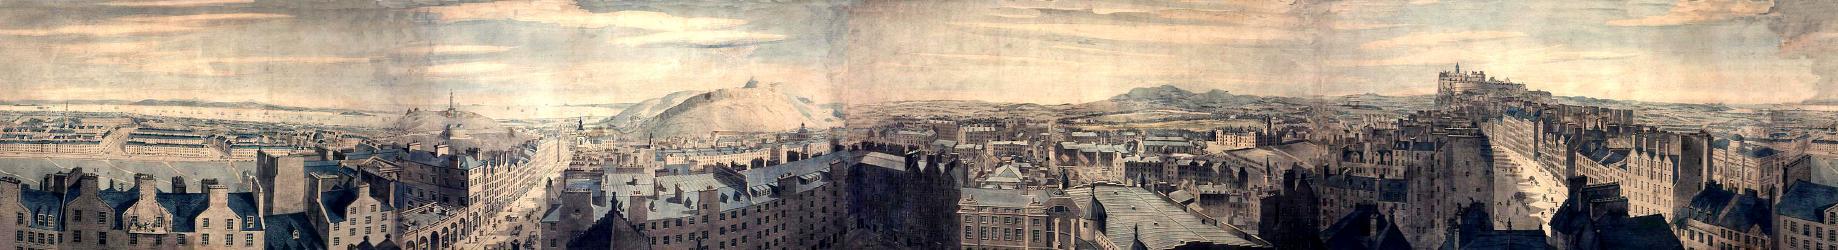 Panorama_Edimburgo_Barker